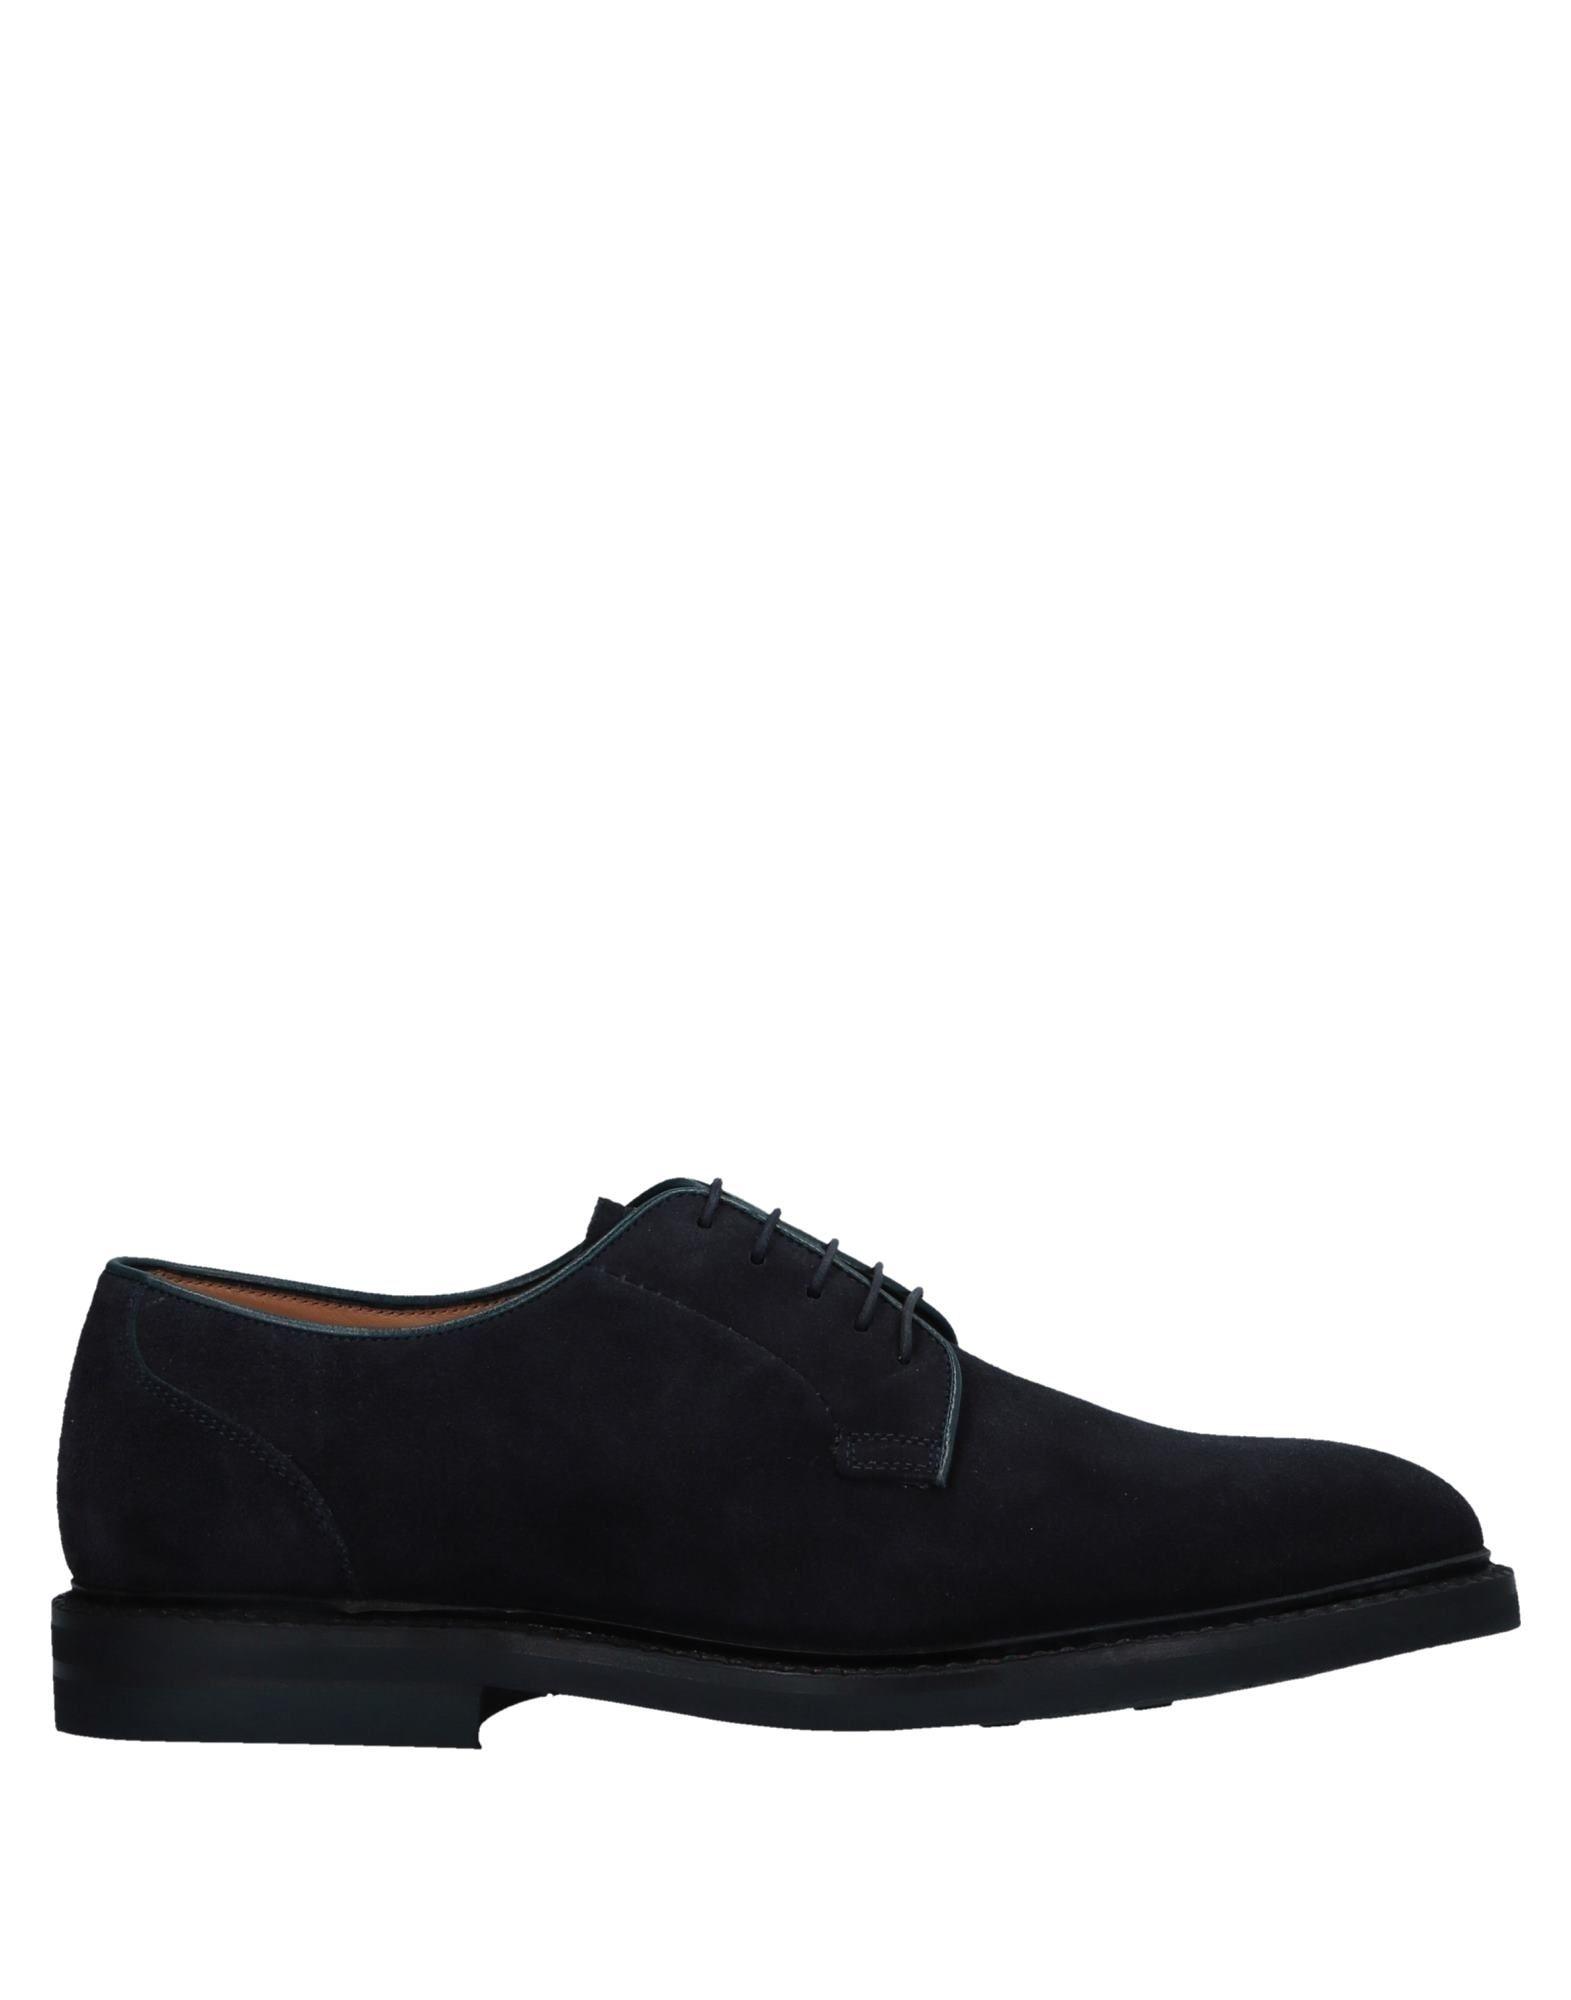 Fabi Schnürschuhe Herren  11532270OR Gute Qualität beliebte Schuhe